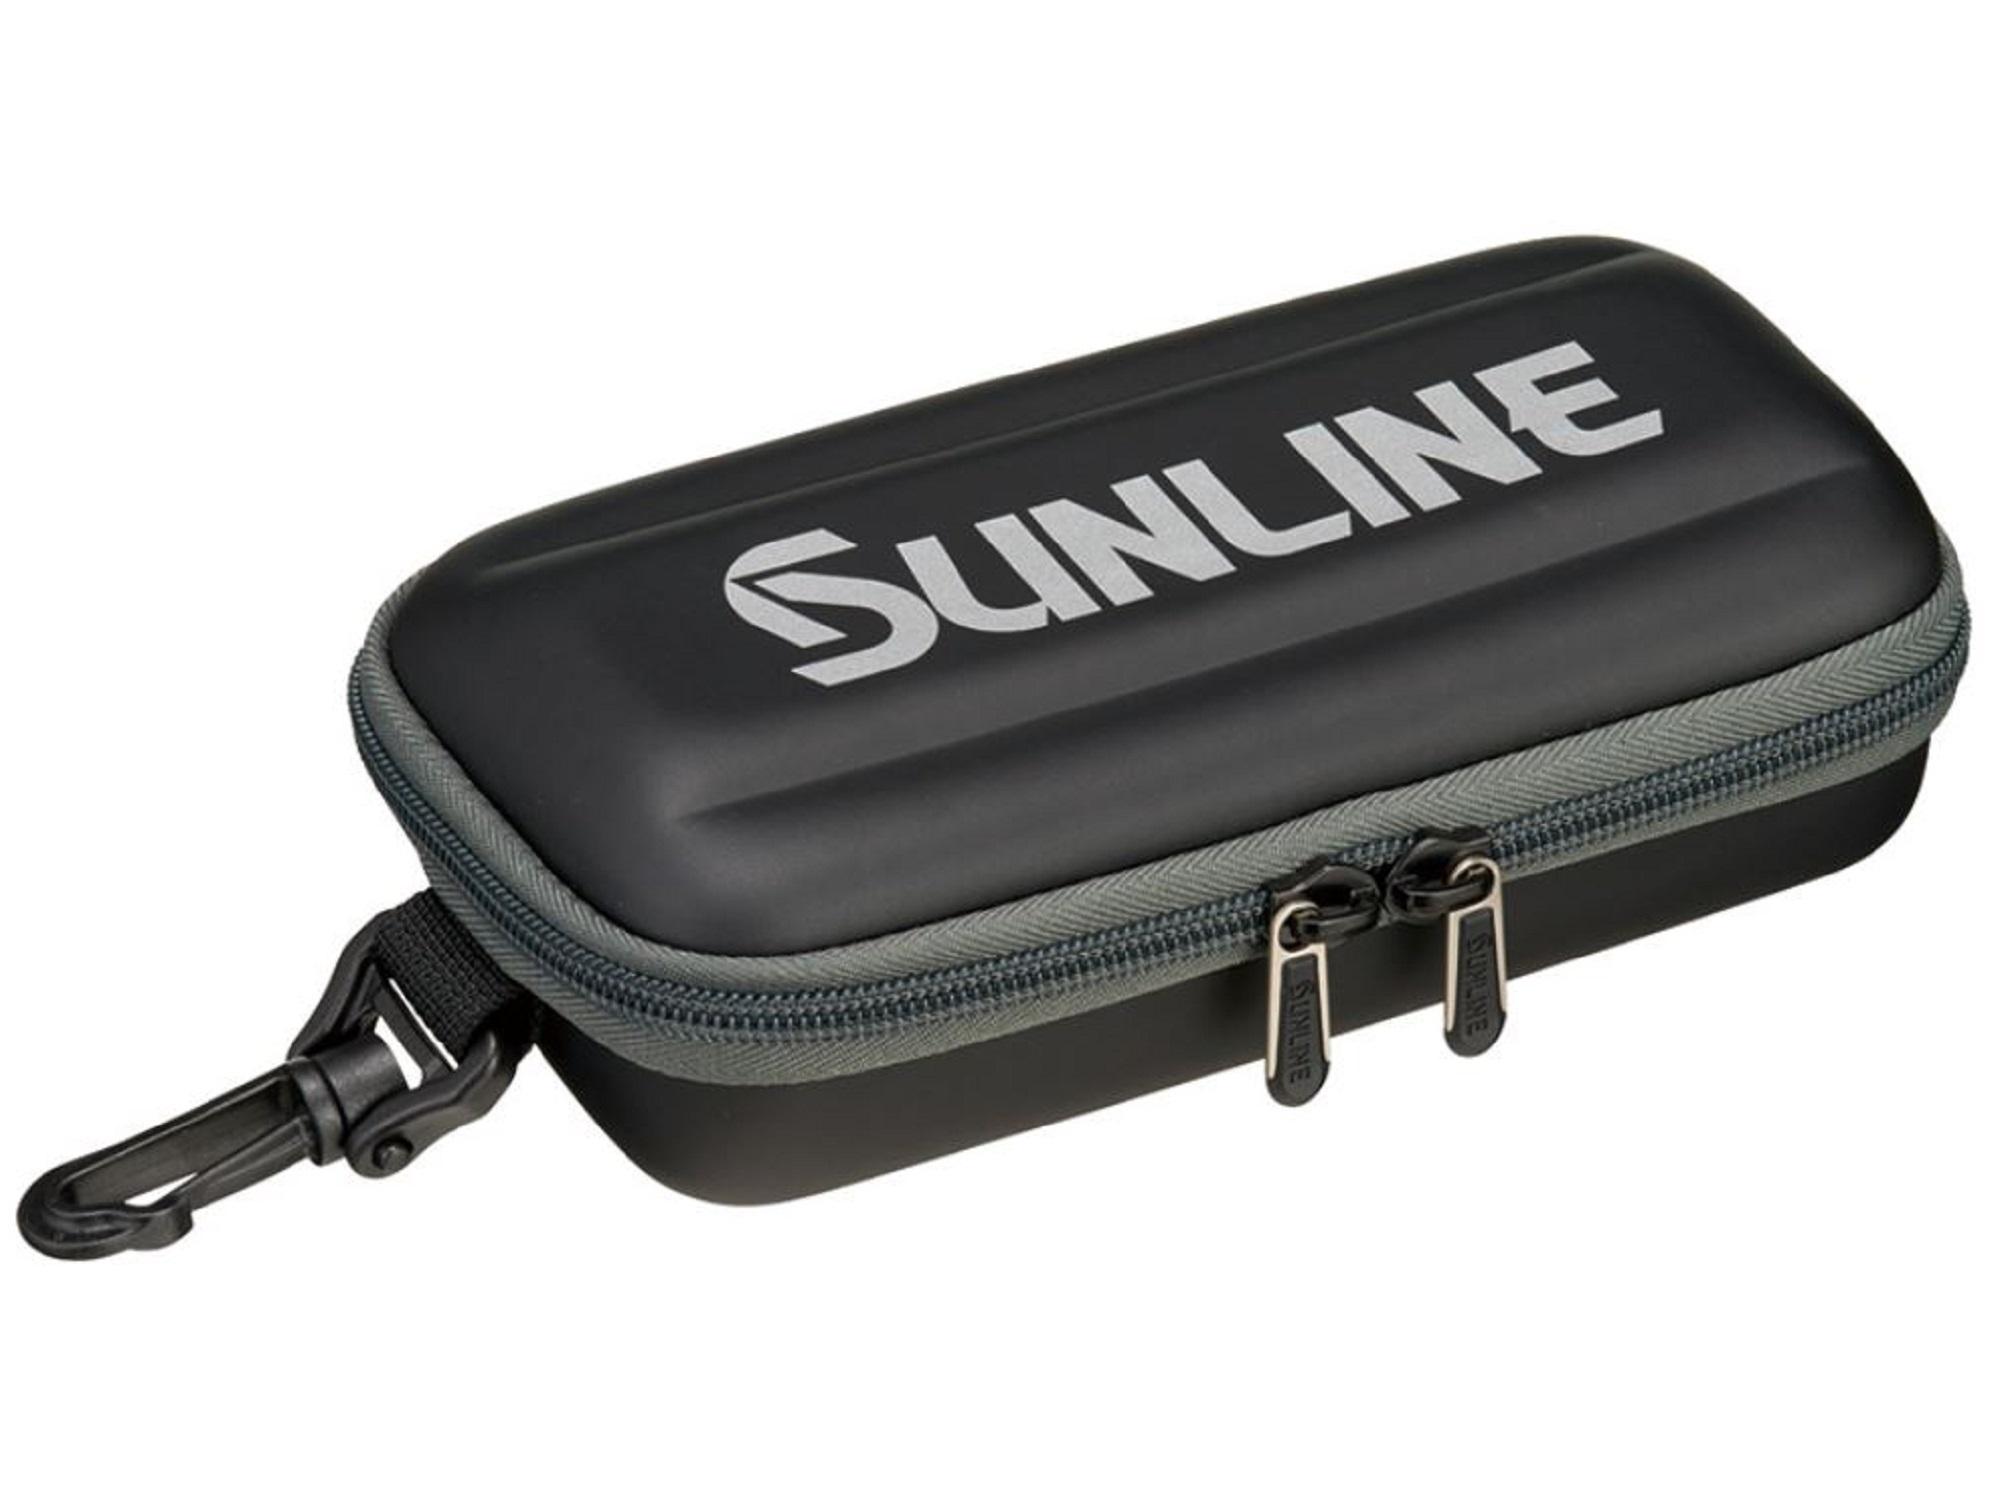 Sunline SFP-0126 Jig Storage Case 100 x 200 x 70 mm Gray (4948)